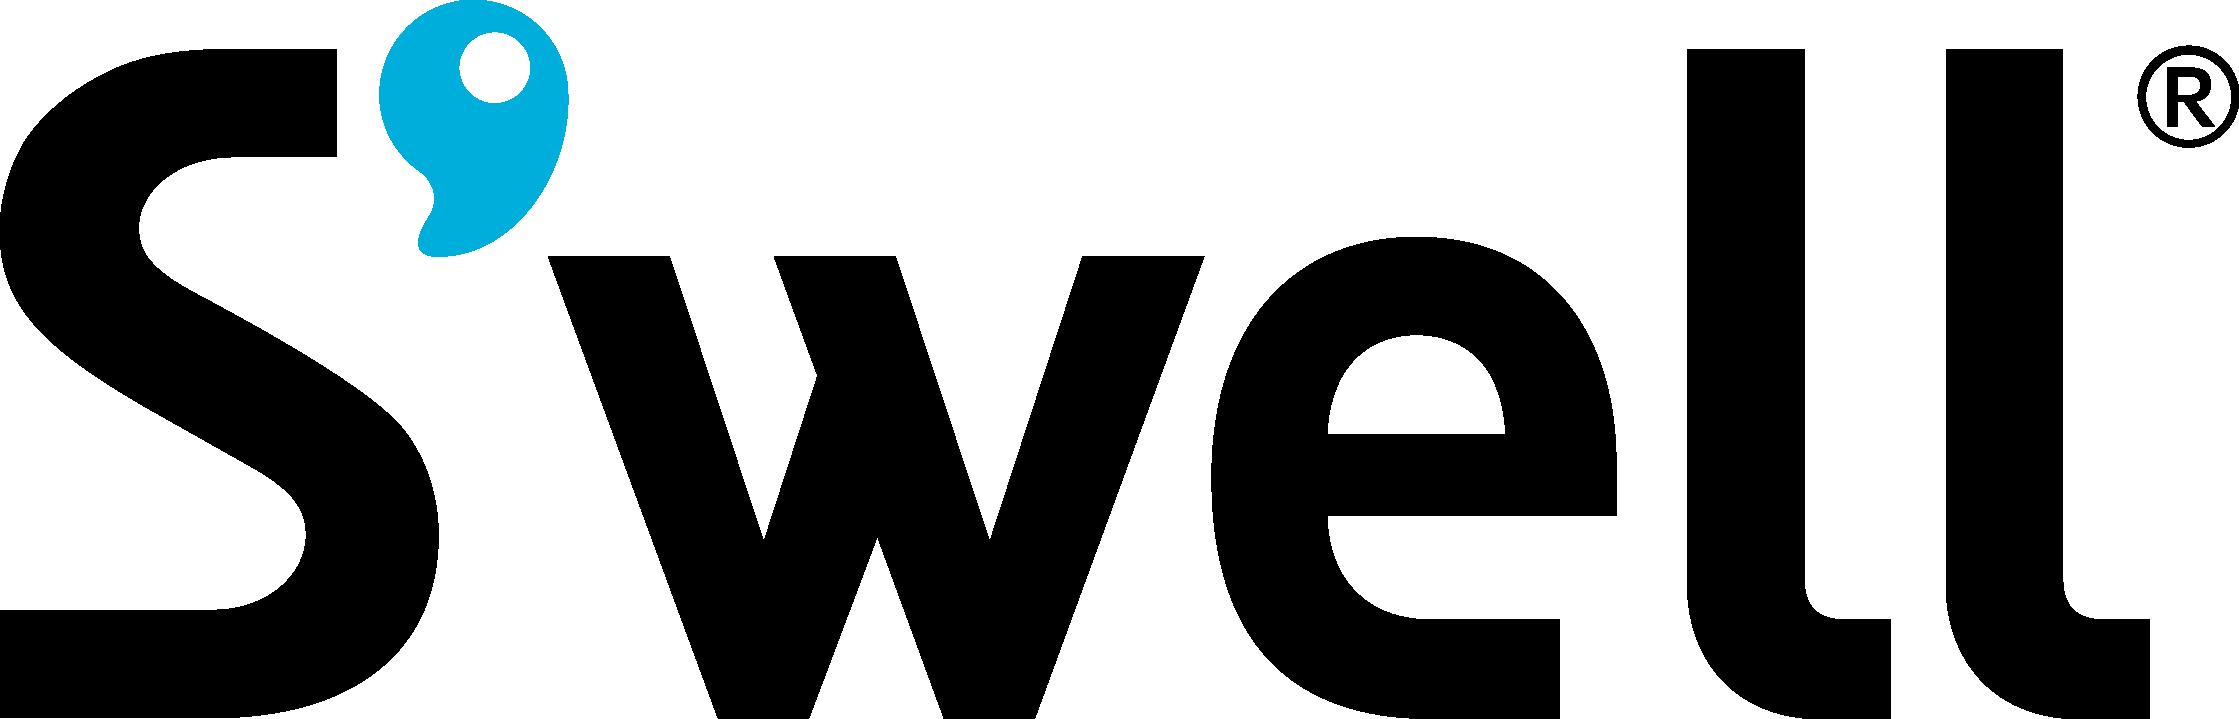 S'well Logo